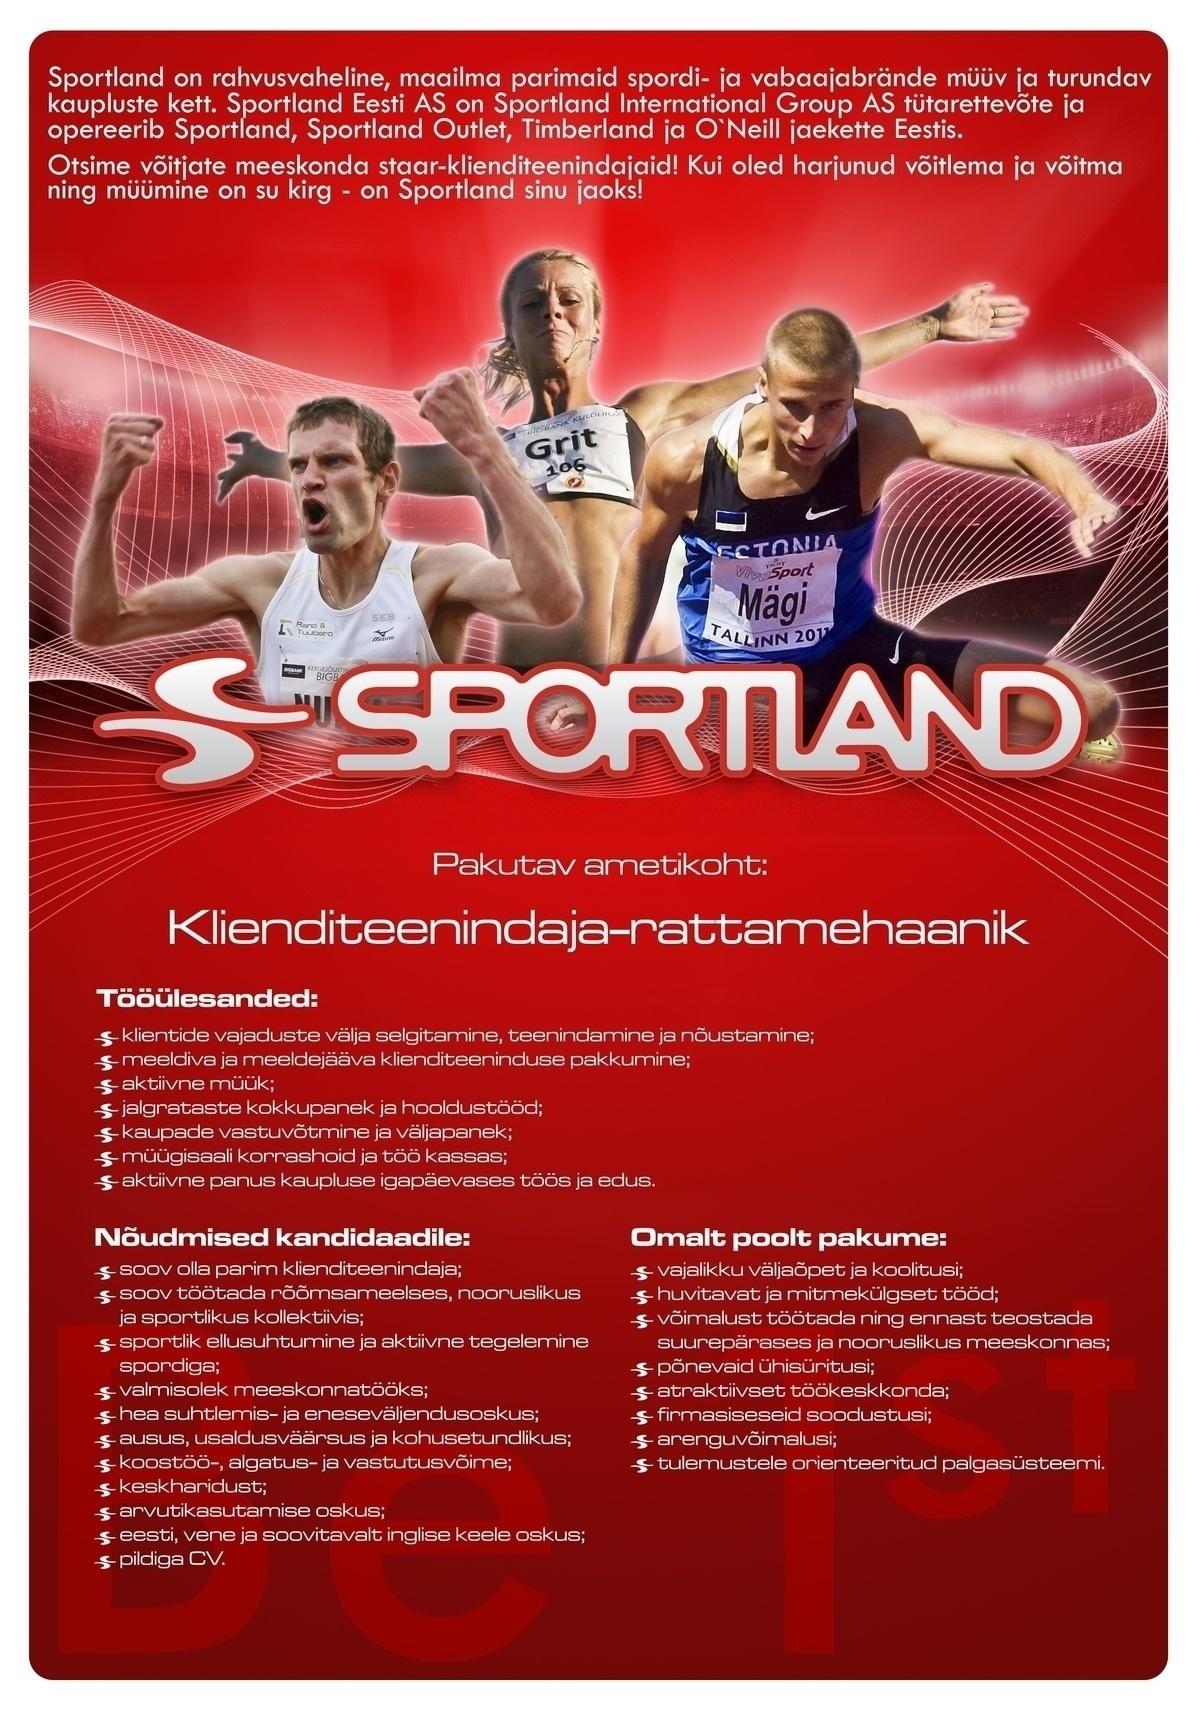 9fafddae3d3 CV Keskus tööpakkumine Sportland Järve klienditeenindaja-rattamehaanik